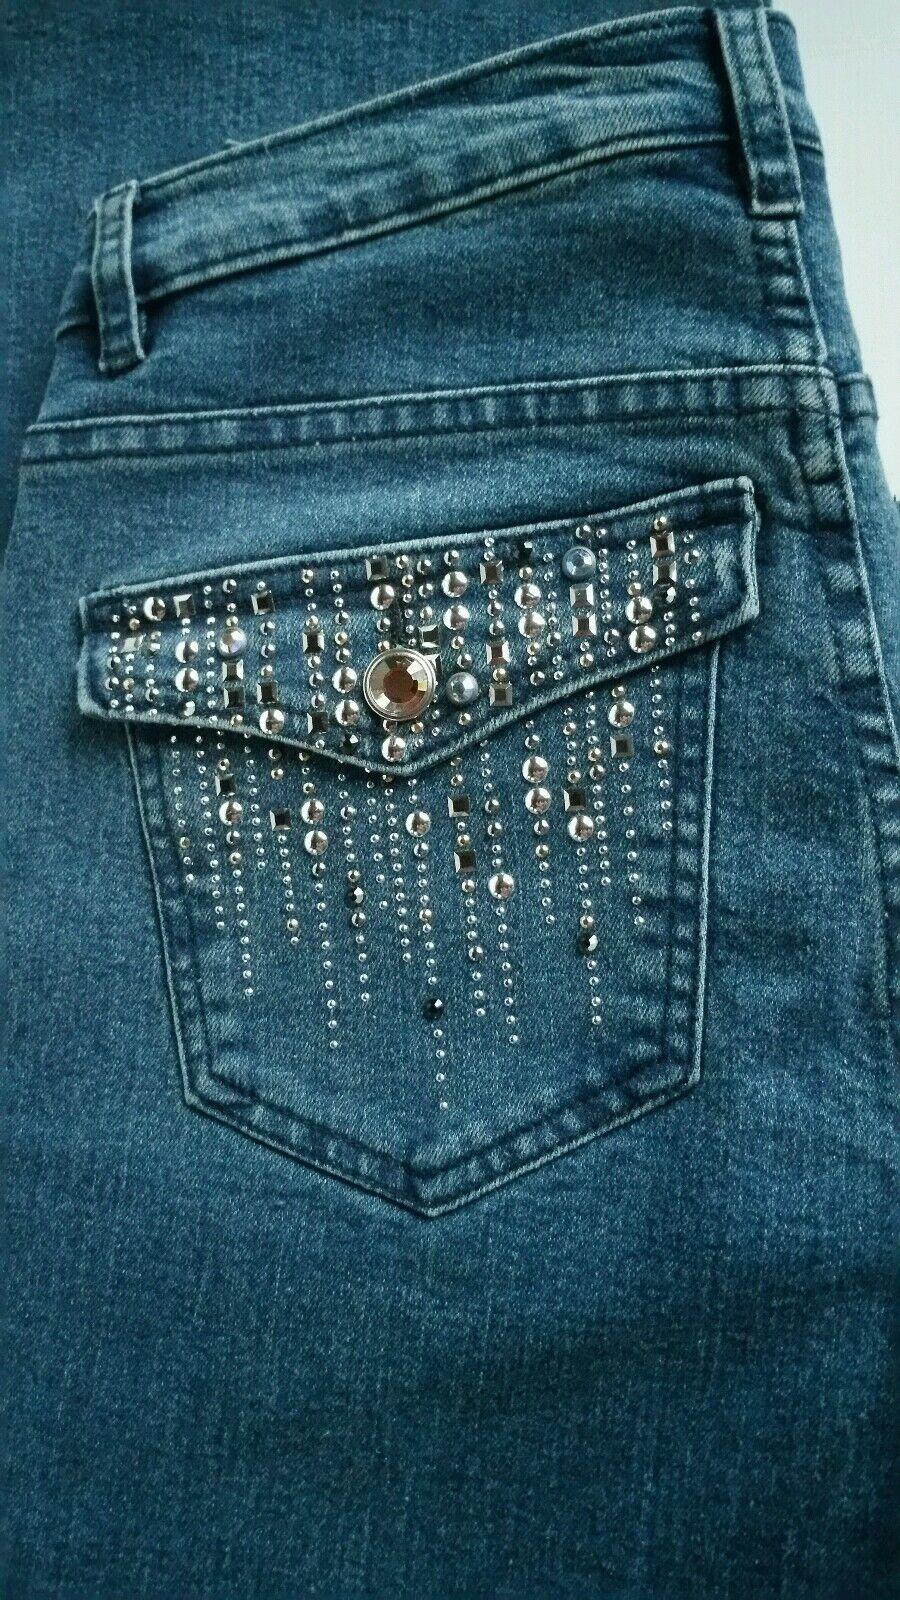 NWOT Christine Alexander bluee Jeans w  Swarovski Crystals Women's Sz 6